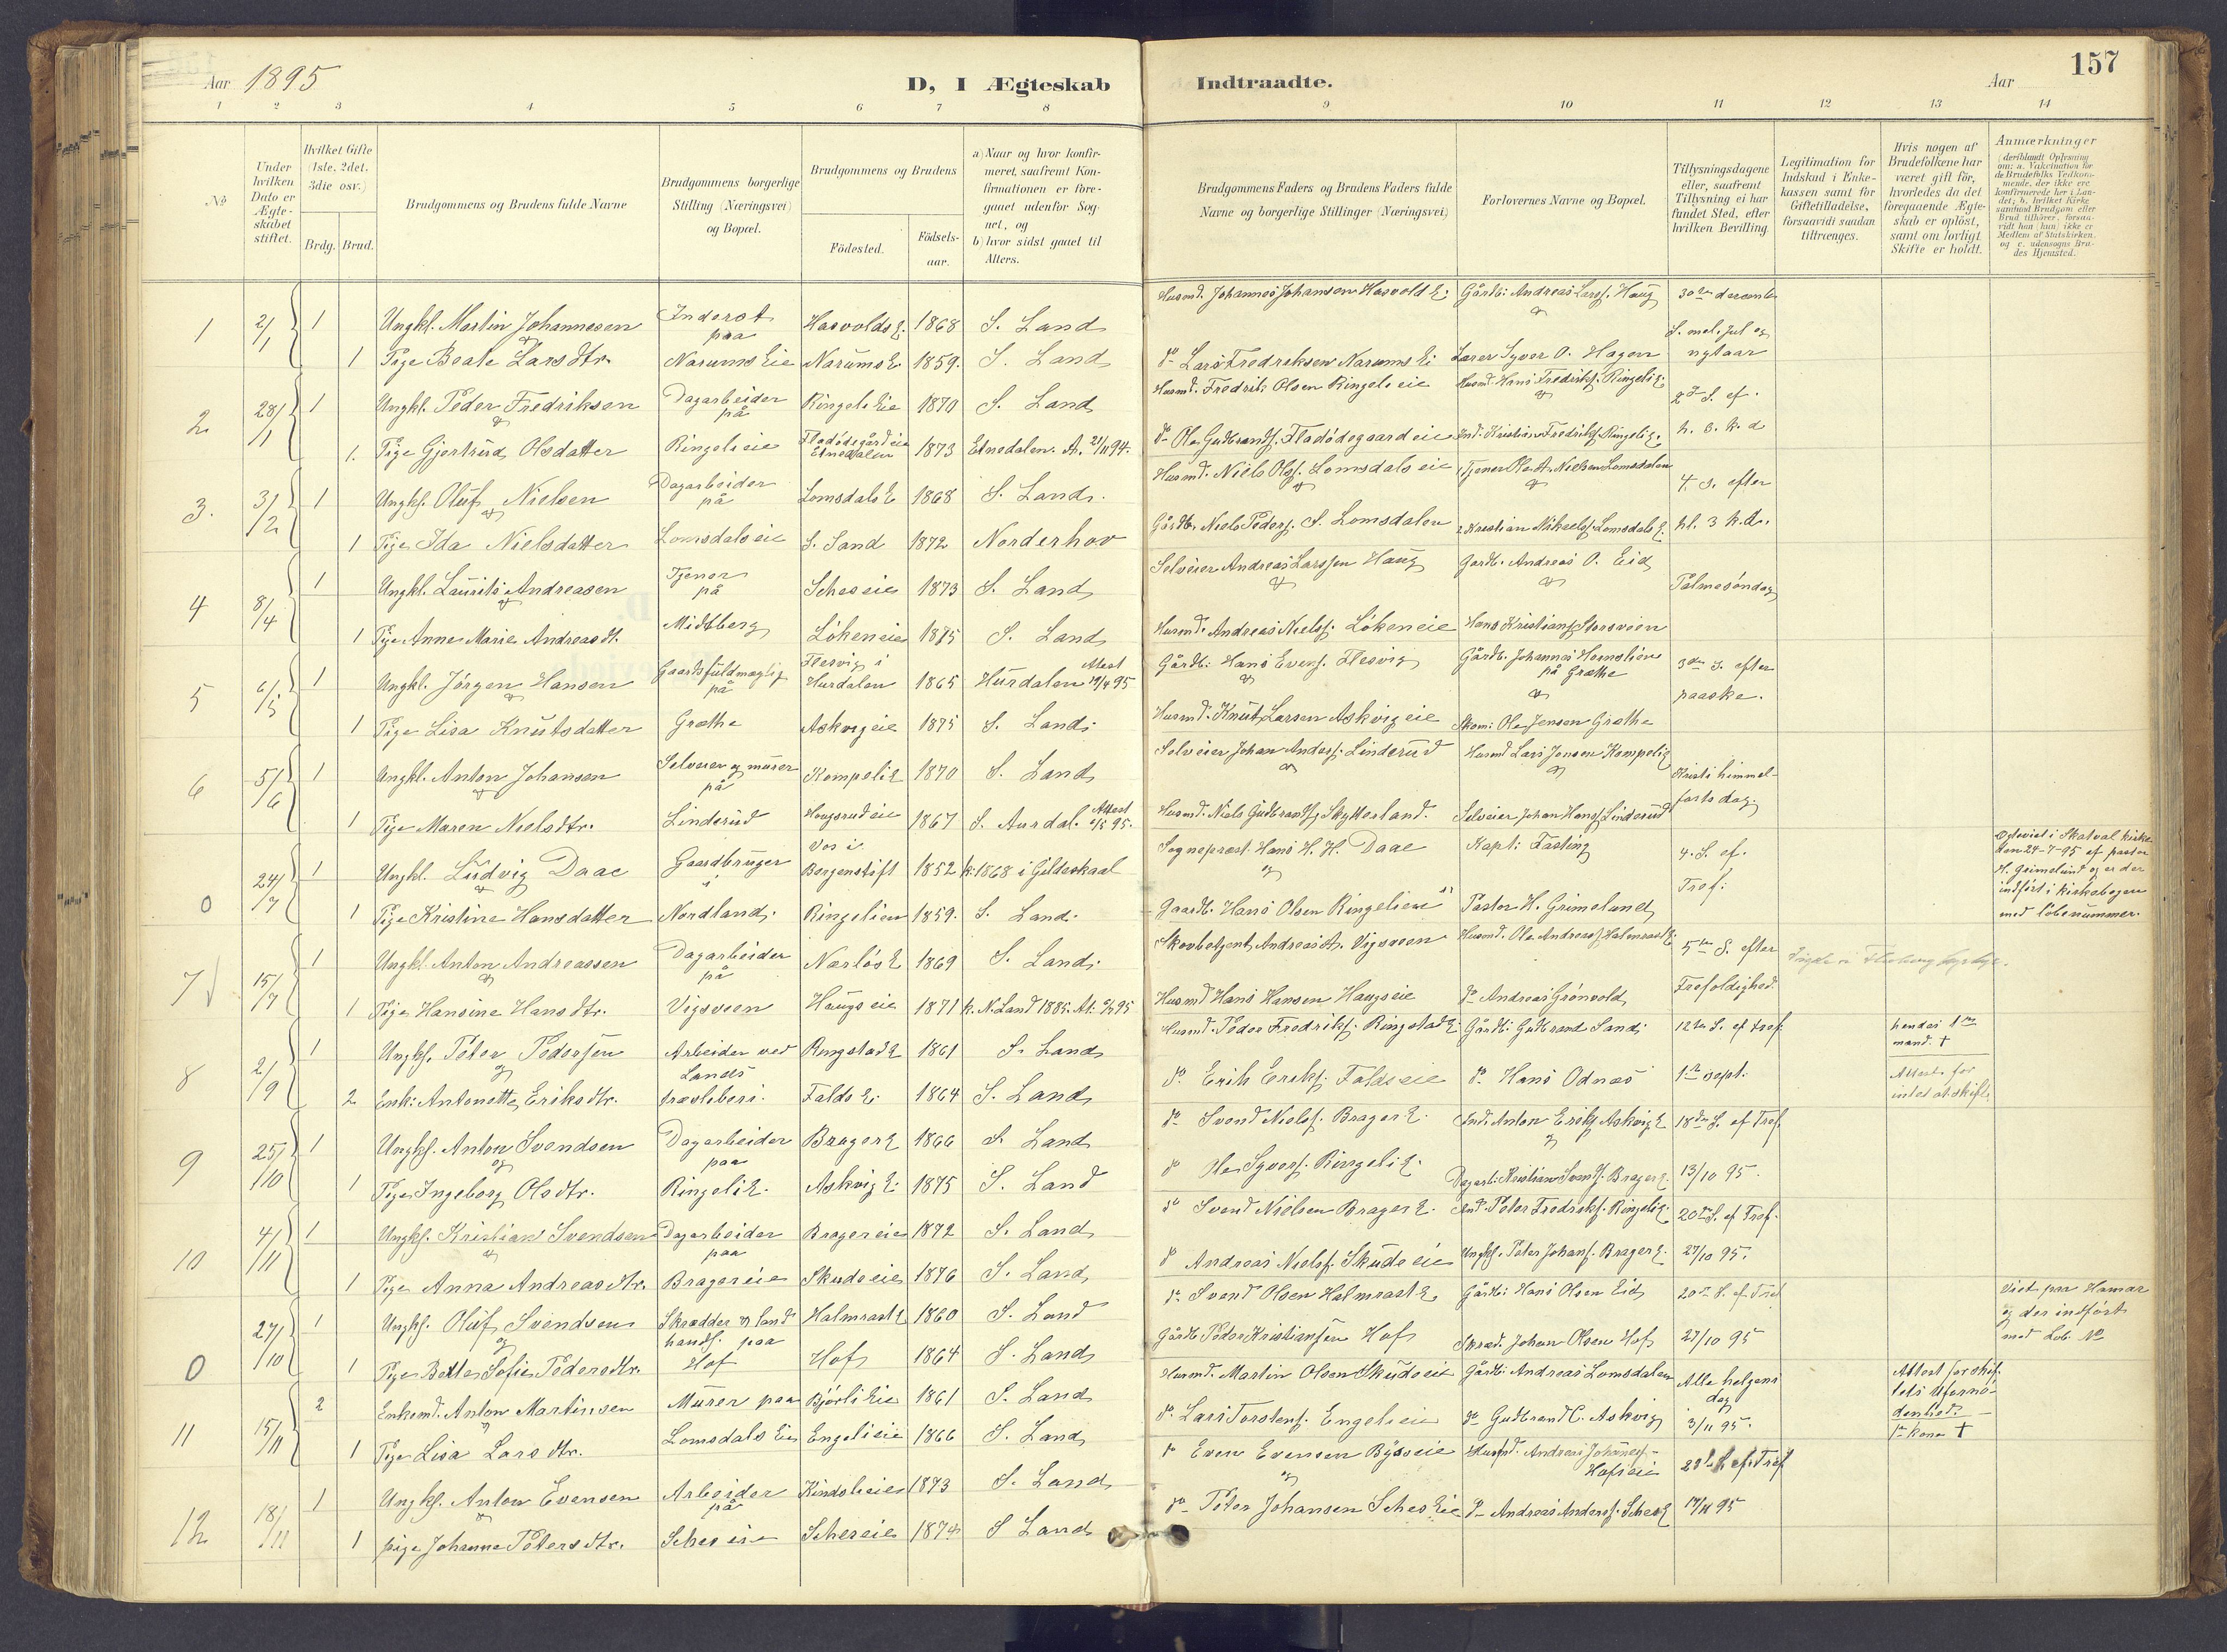 SAH, Søndre Land prestekontor, K/L0006: Ministerialbok nr. 6, 1895-1904, s. 157